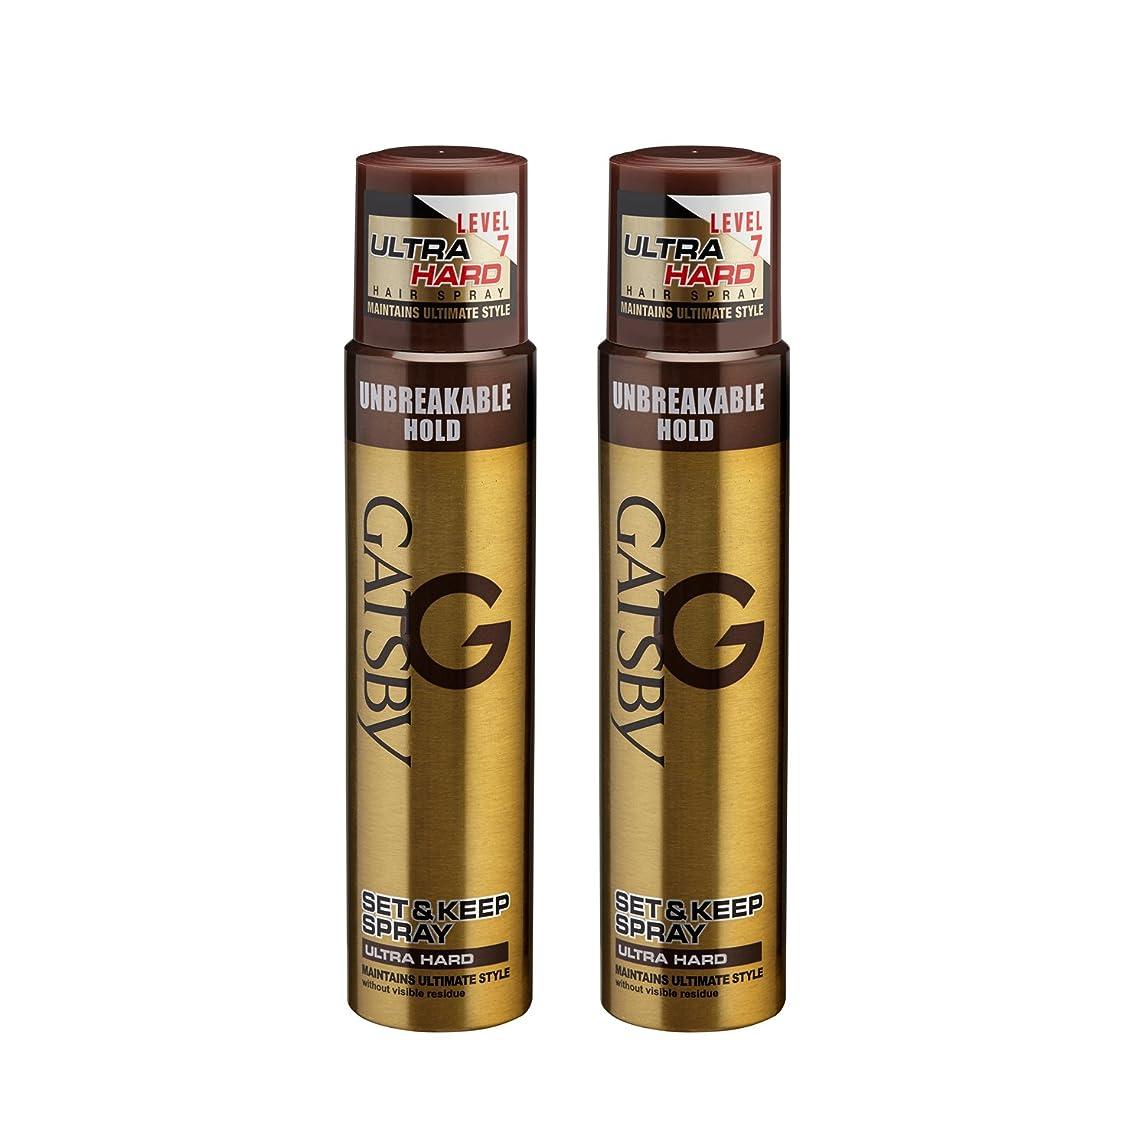 事実リットル重要な役割を果たす、中心的な手段となるGatsby Set and Keep Hair Spray Ultra Hard, 250ml (Pack of 2)